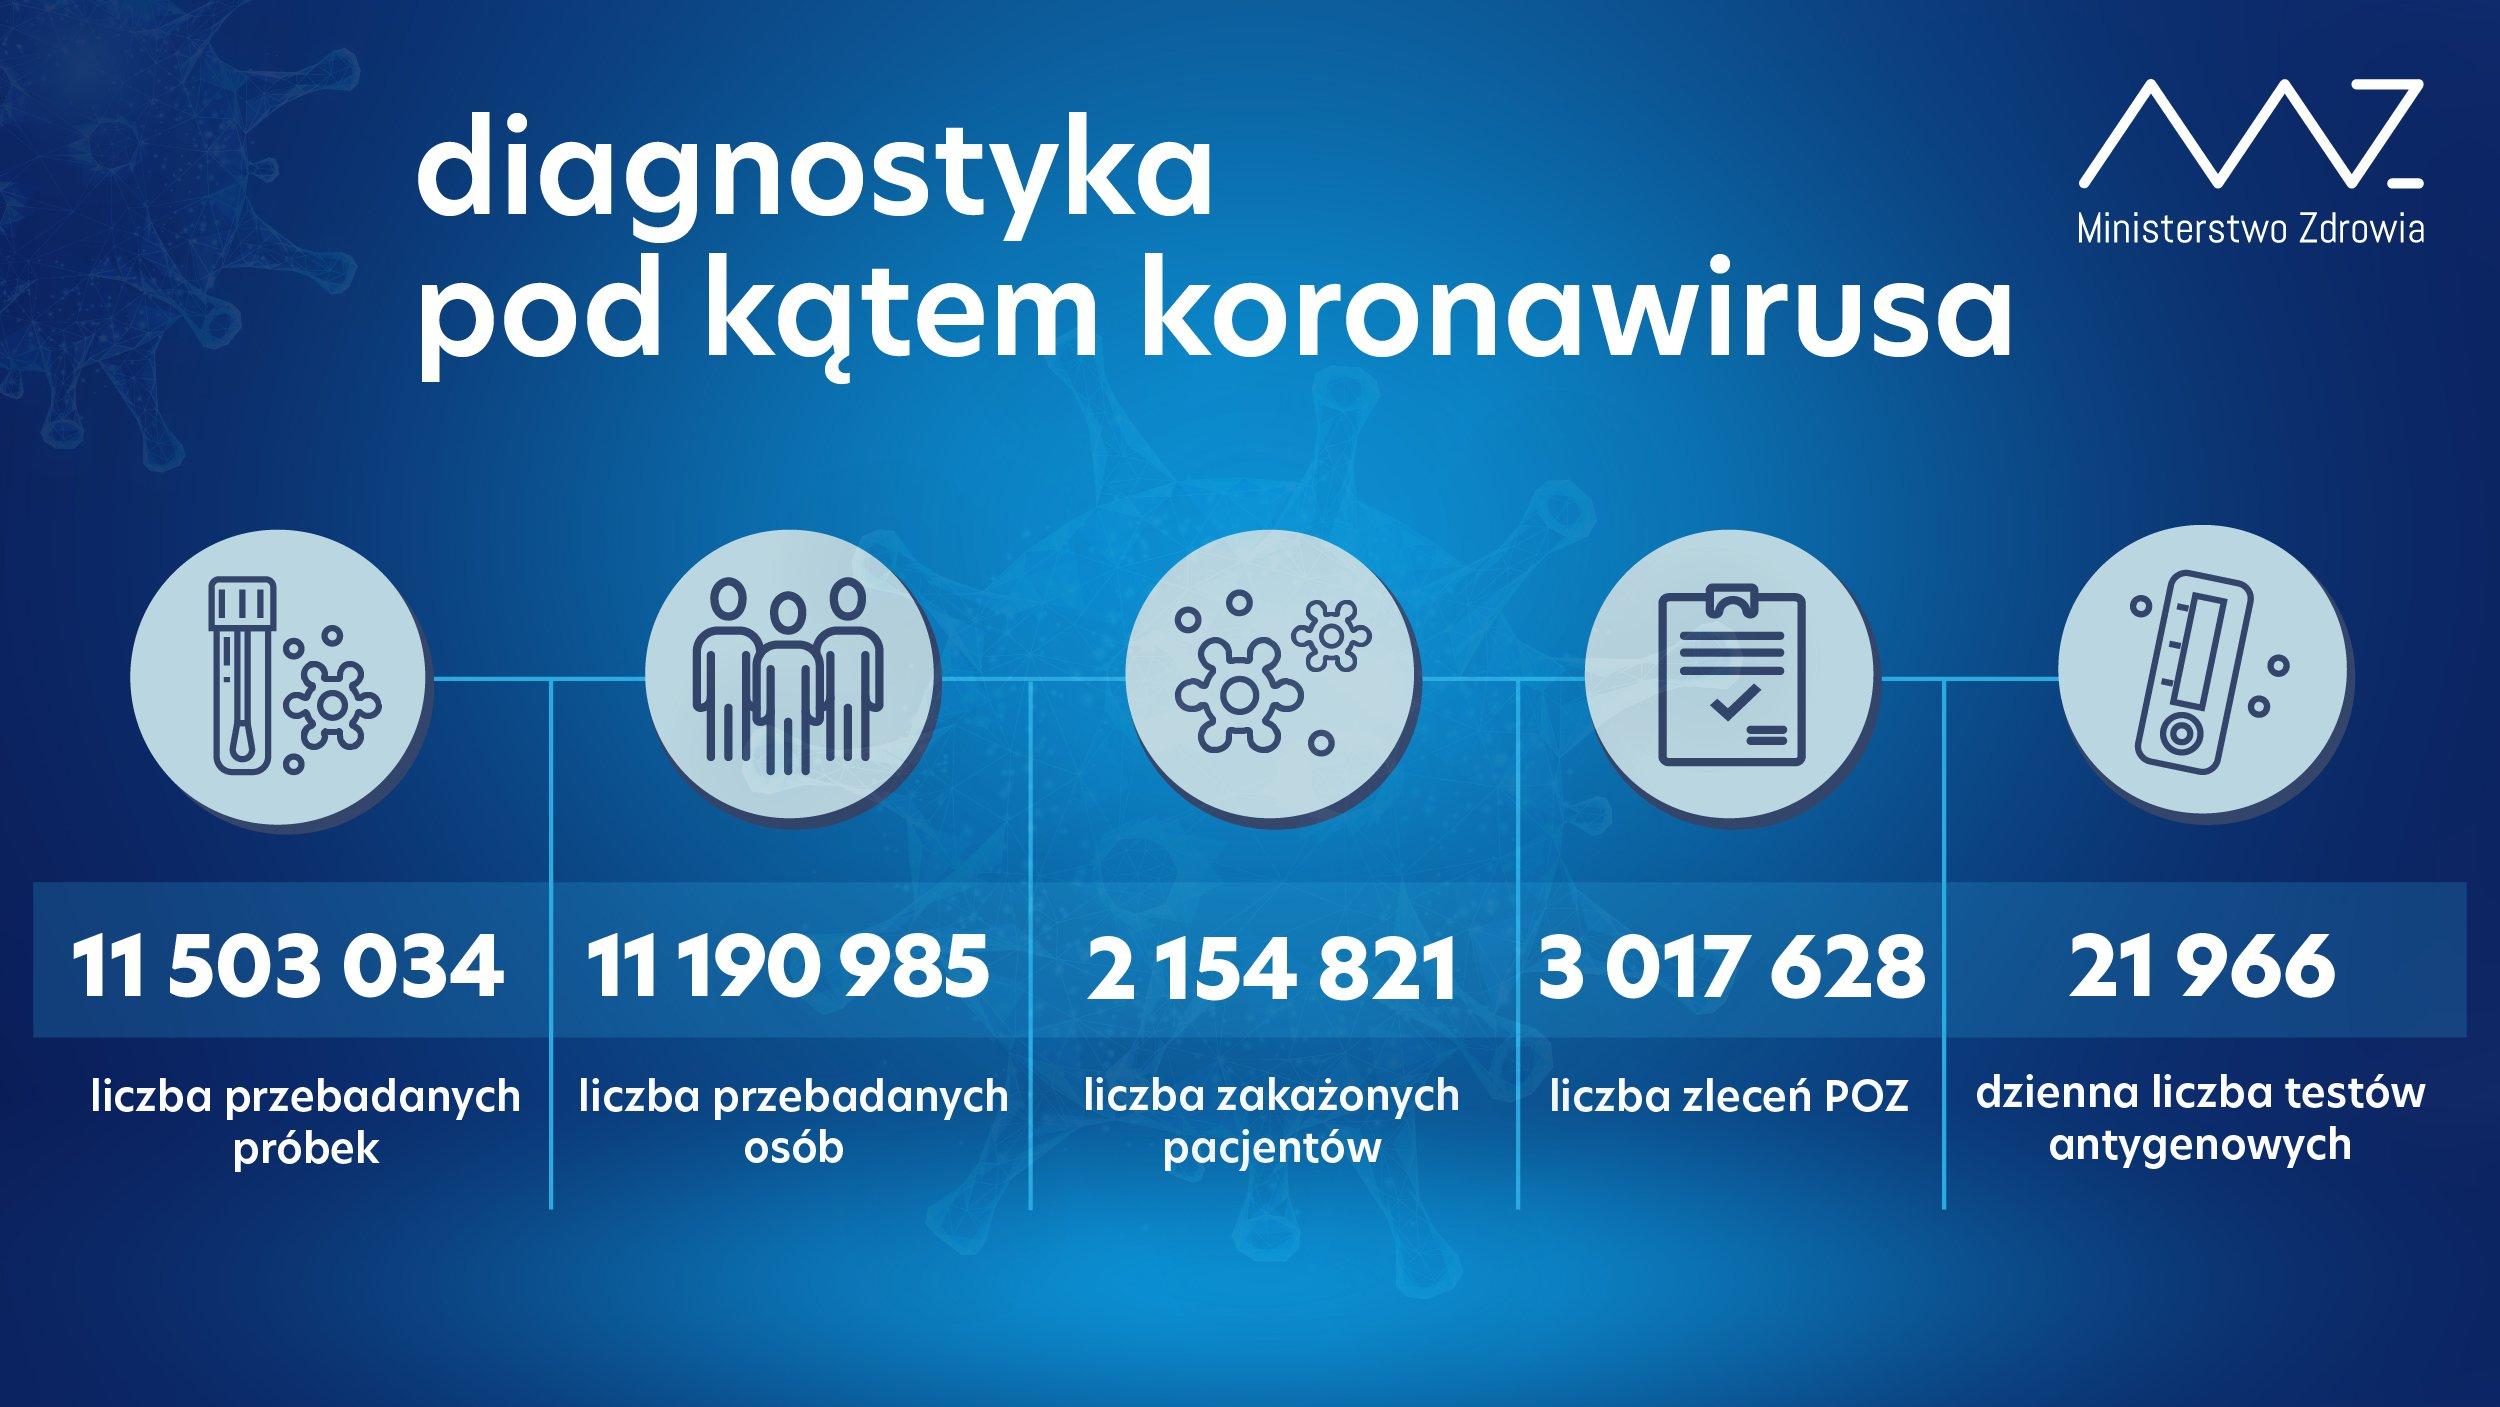 - 11 503 034 przebadanych próbek; - 11 190 985 przebadanych osób; - 2 154 821 zakażonych pacjentów; - w ciągu doby wykonano 102 579 testów, w tym 21 966 testów antygenowych; - liczba zleceń z POZ: 3 017 628